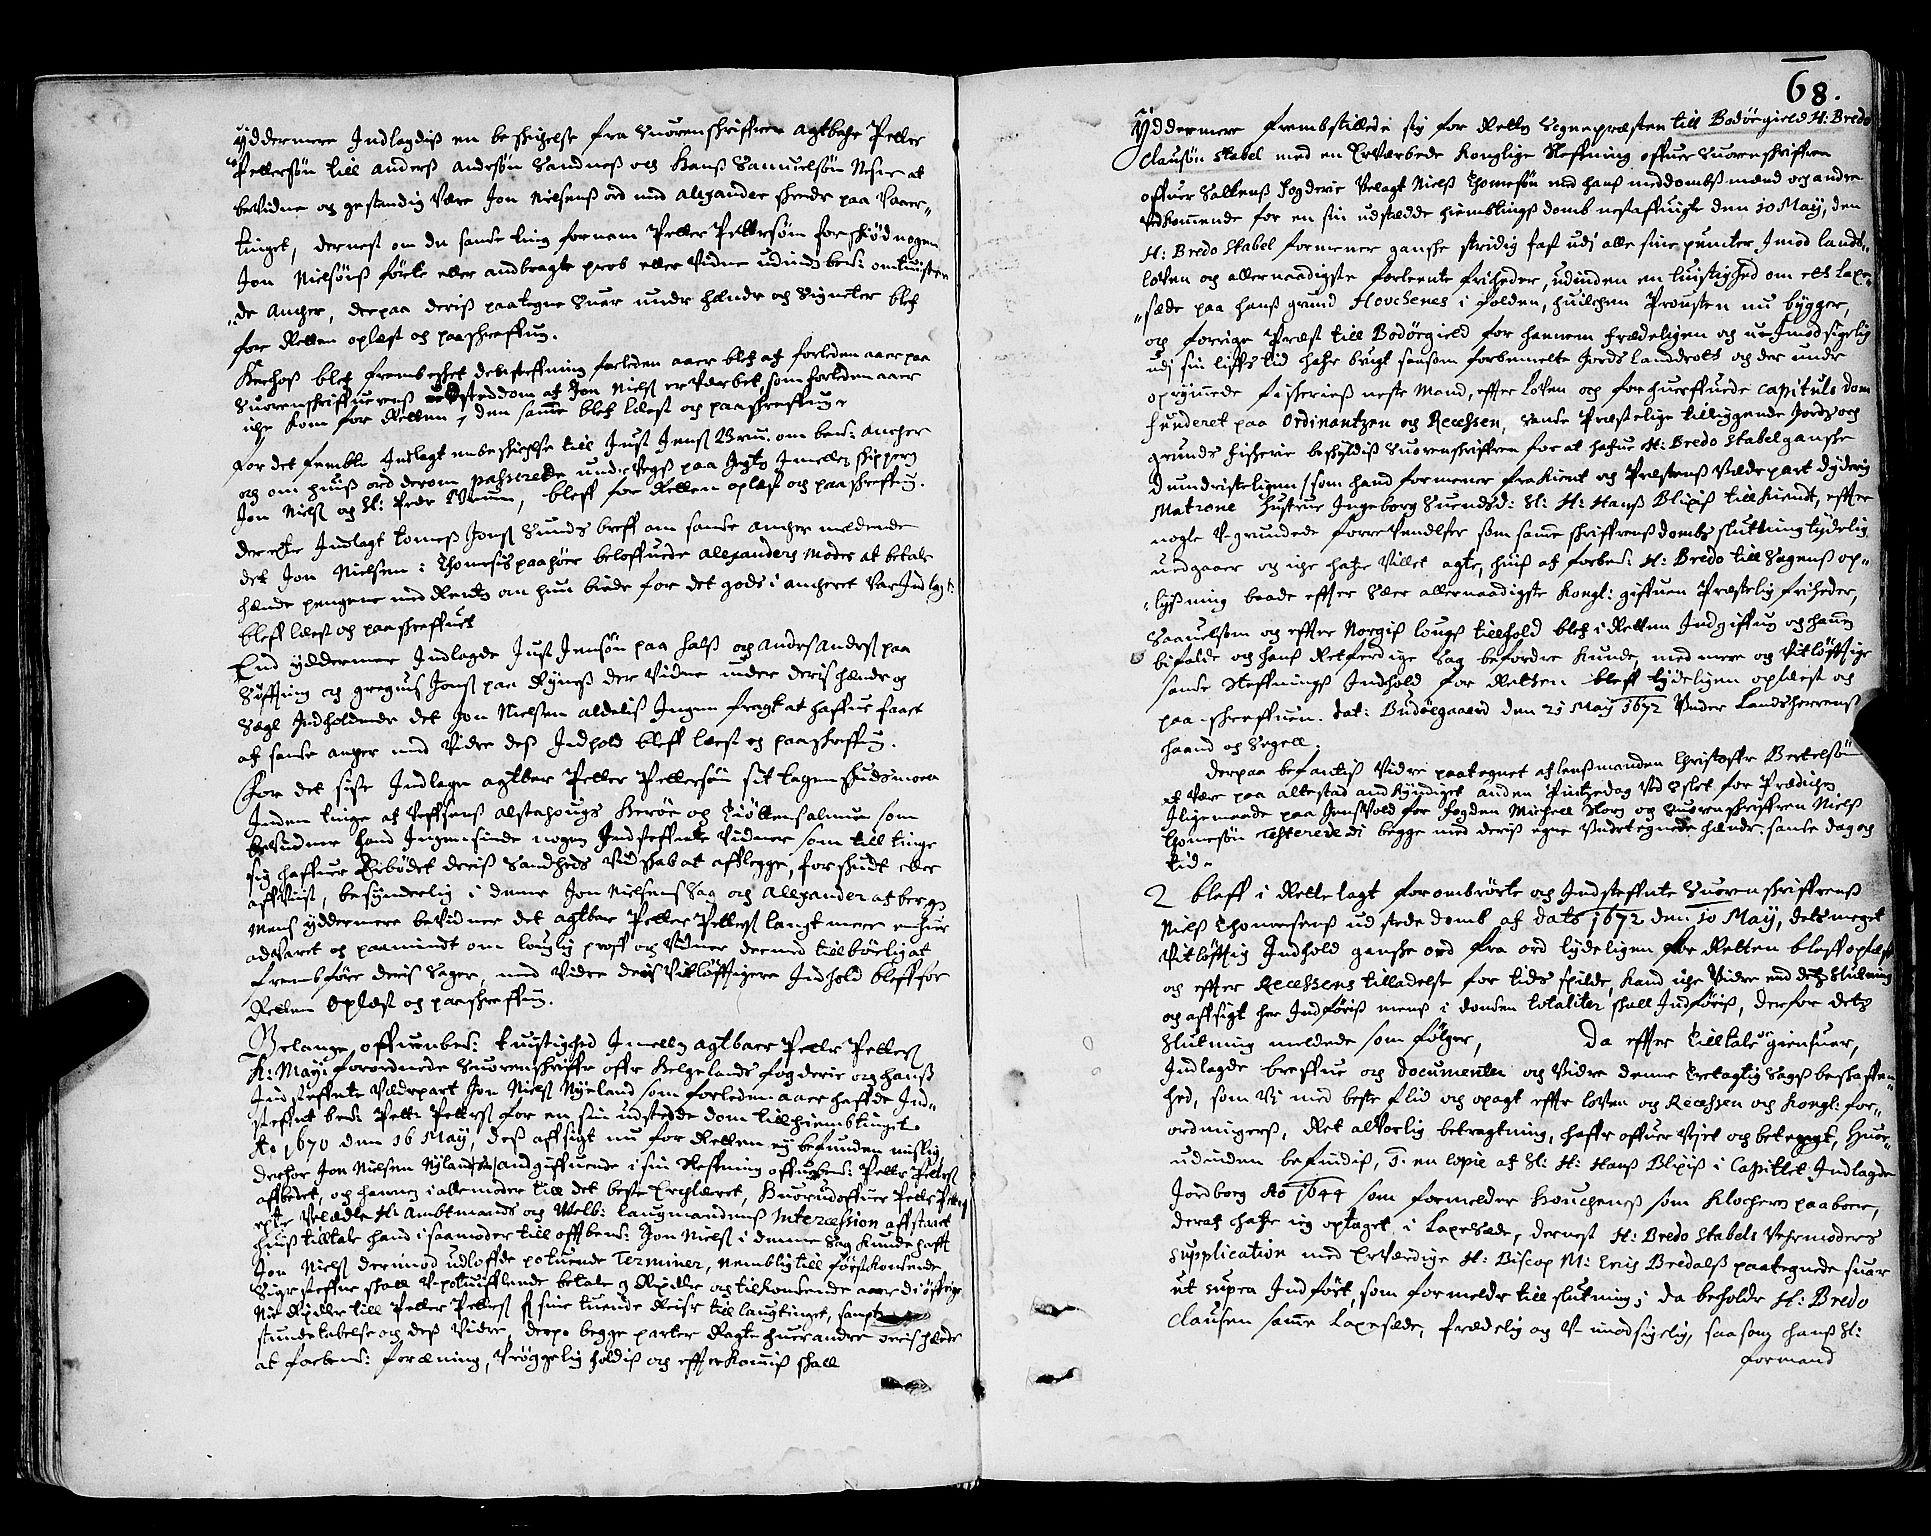 SAT, Nordland og Finmarks lagstol*, 1666-1690, s. 68